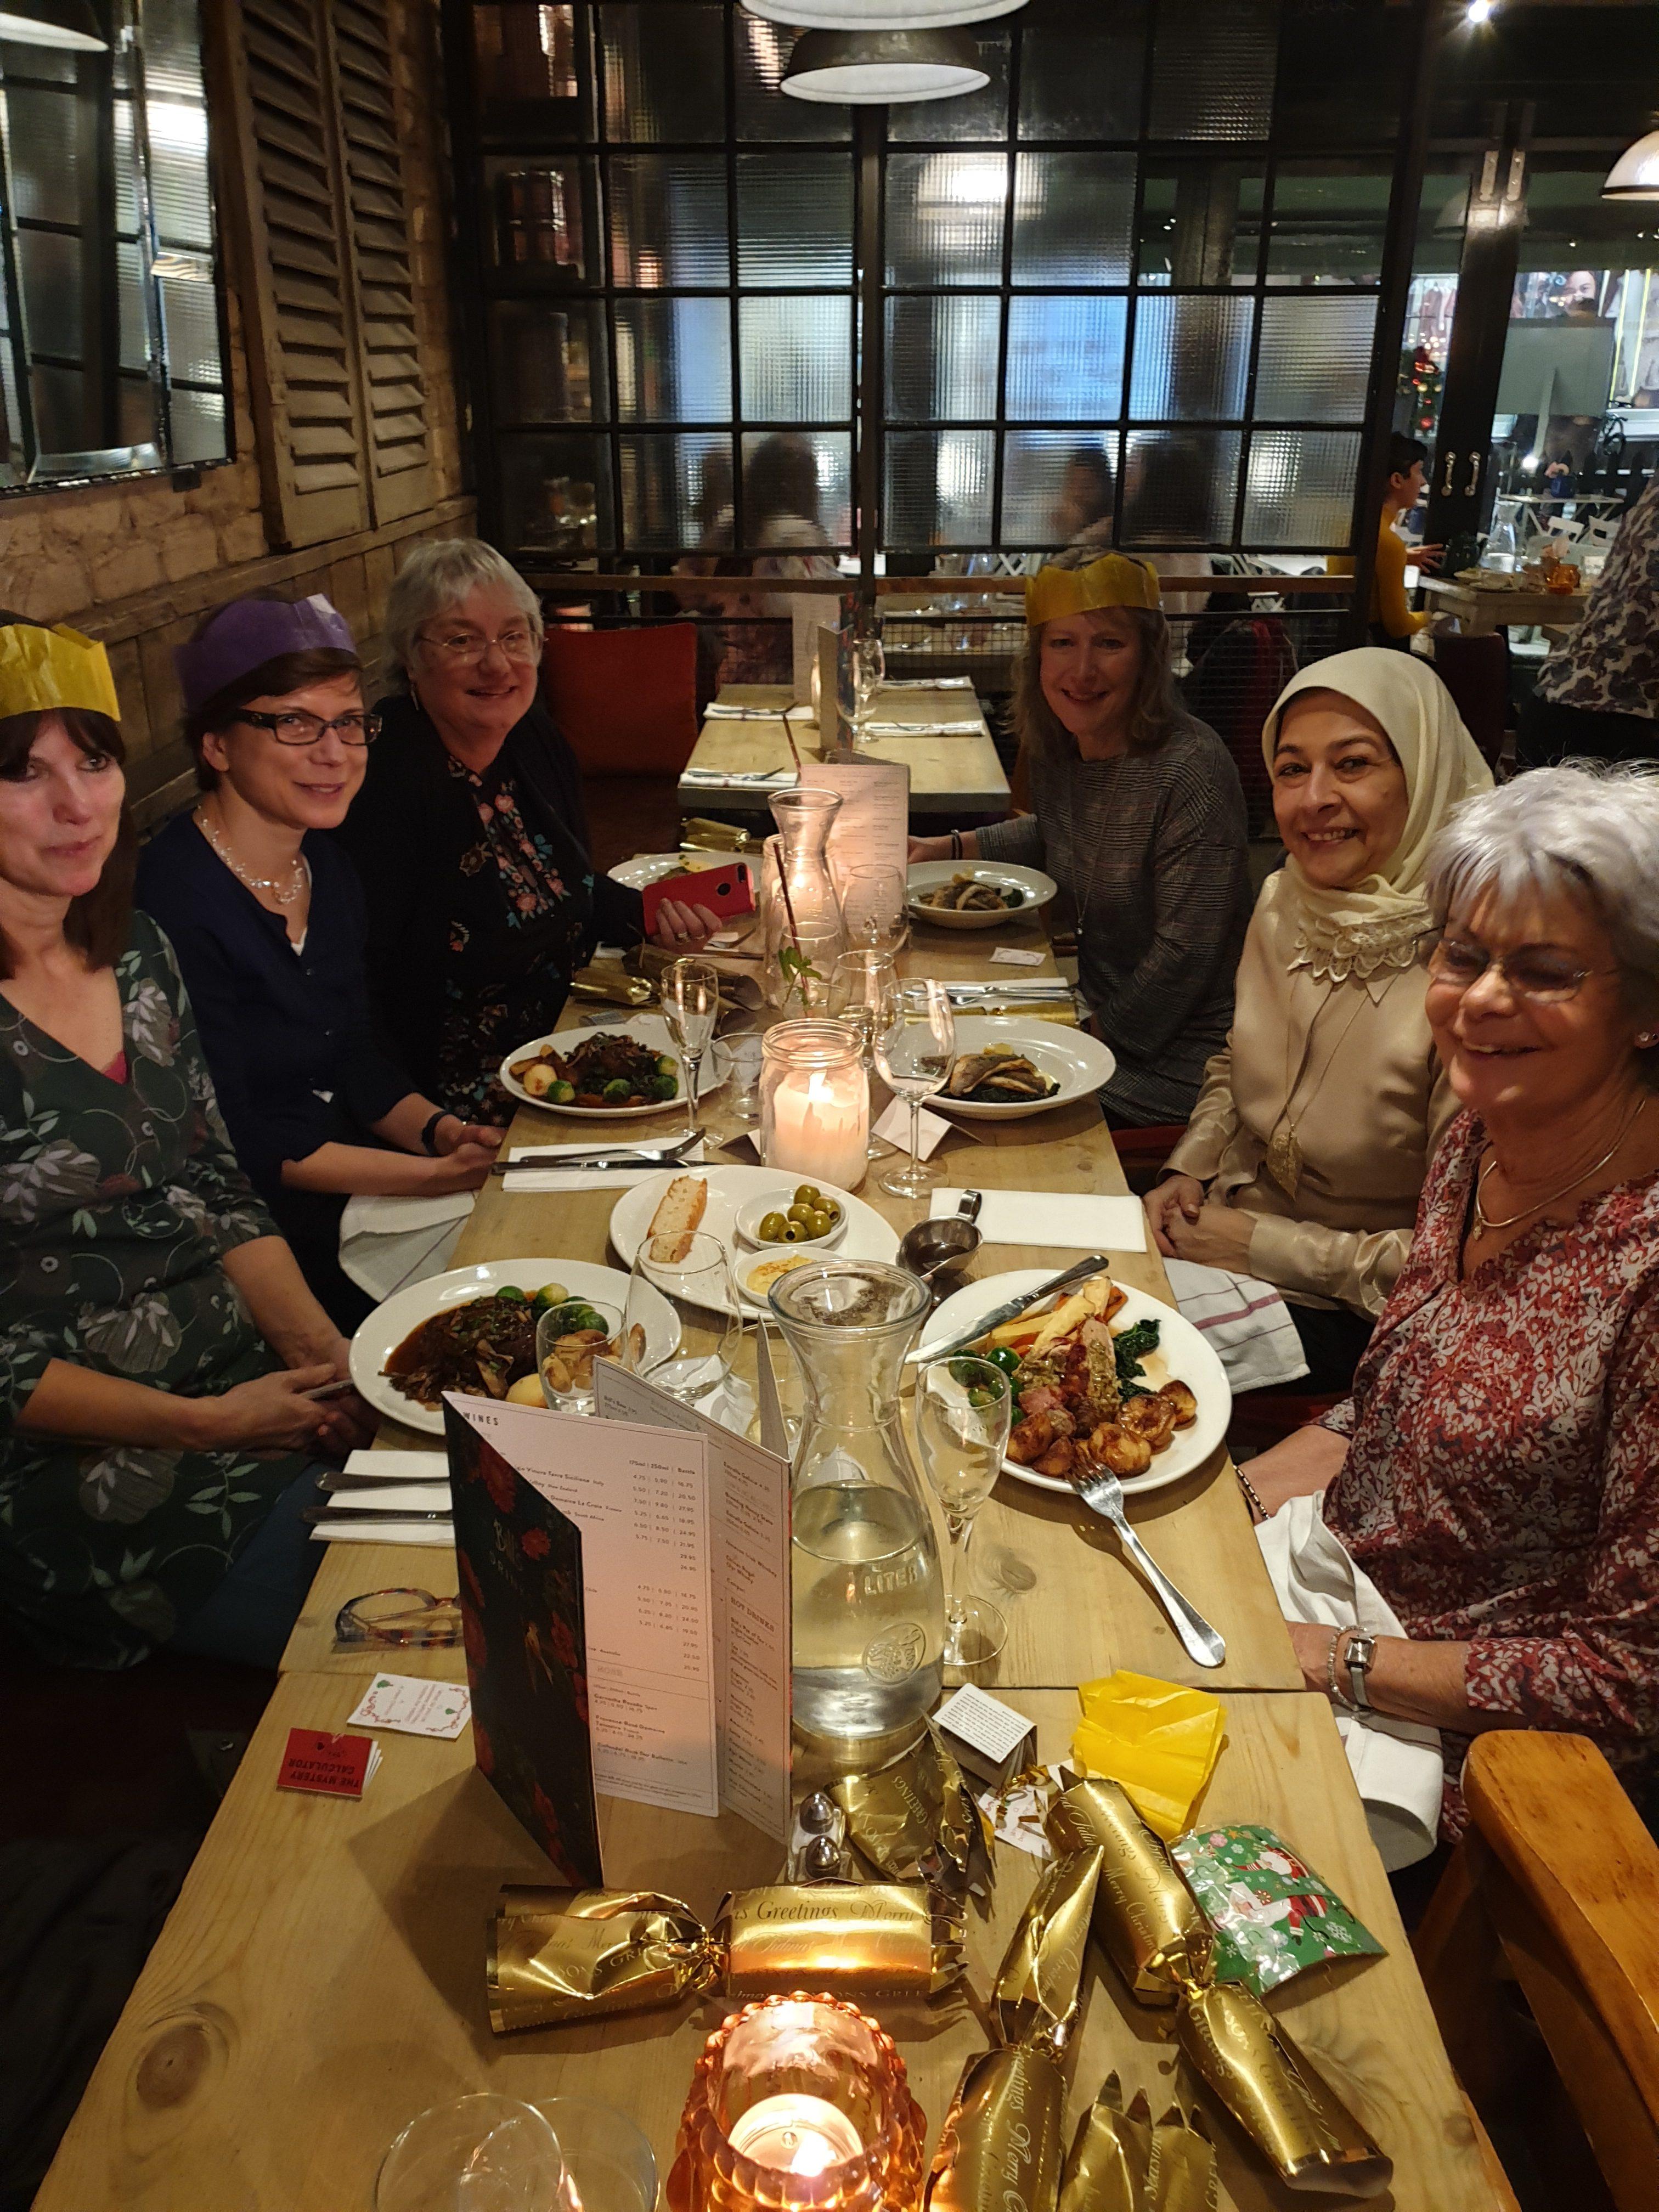 Christmas dinner at Bill's